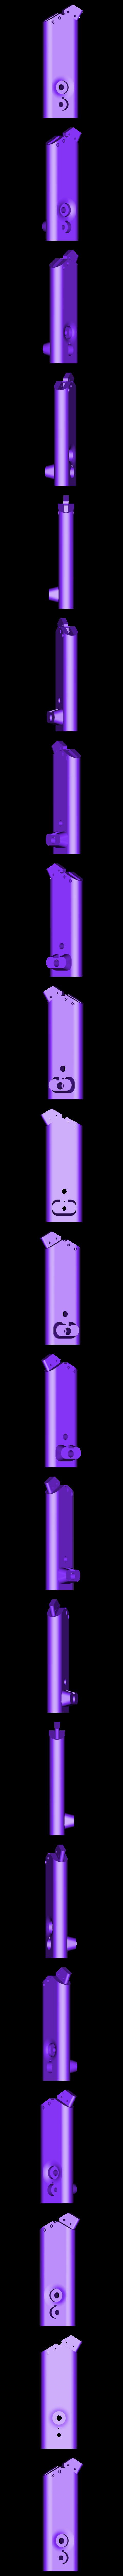 Neutron_-_Top.stl Download free STL file Neutron - Open Source 3D Printer • 3D printable object, ATOM3dp